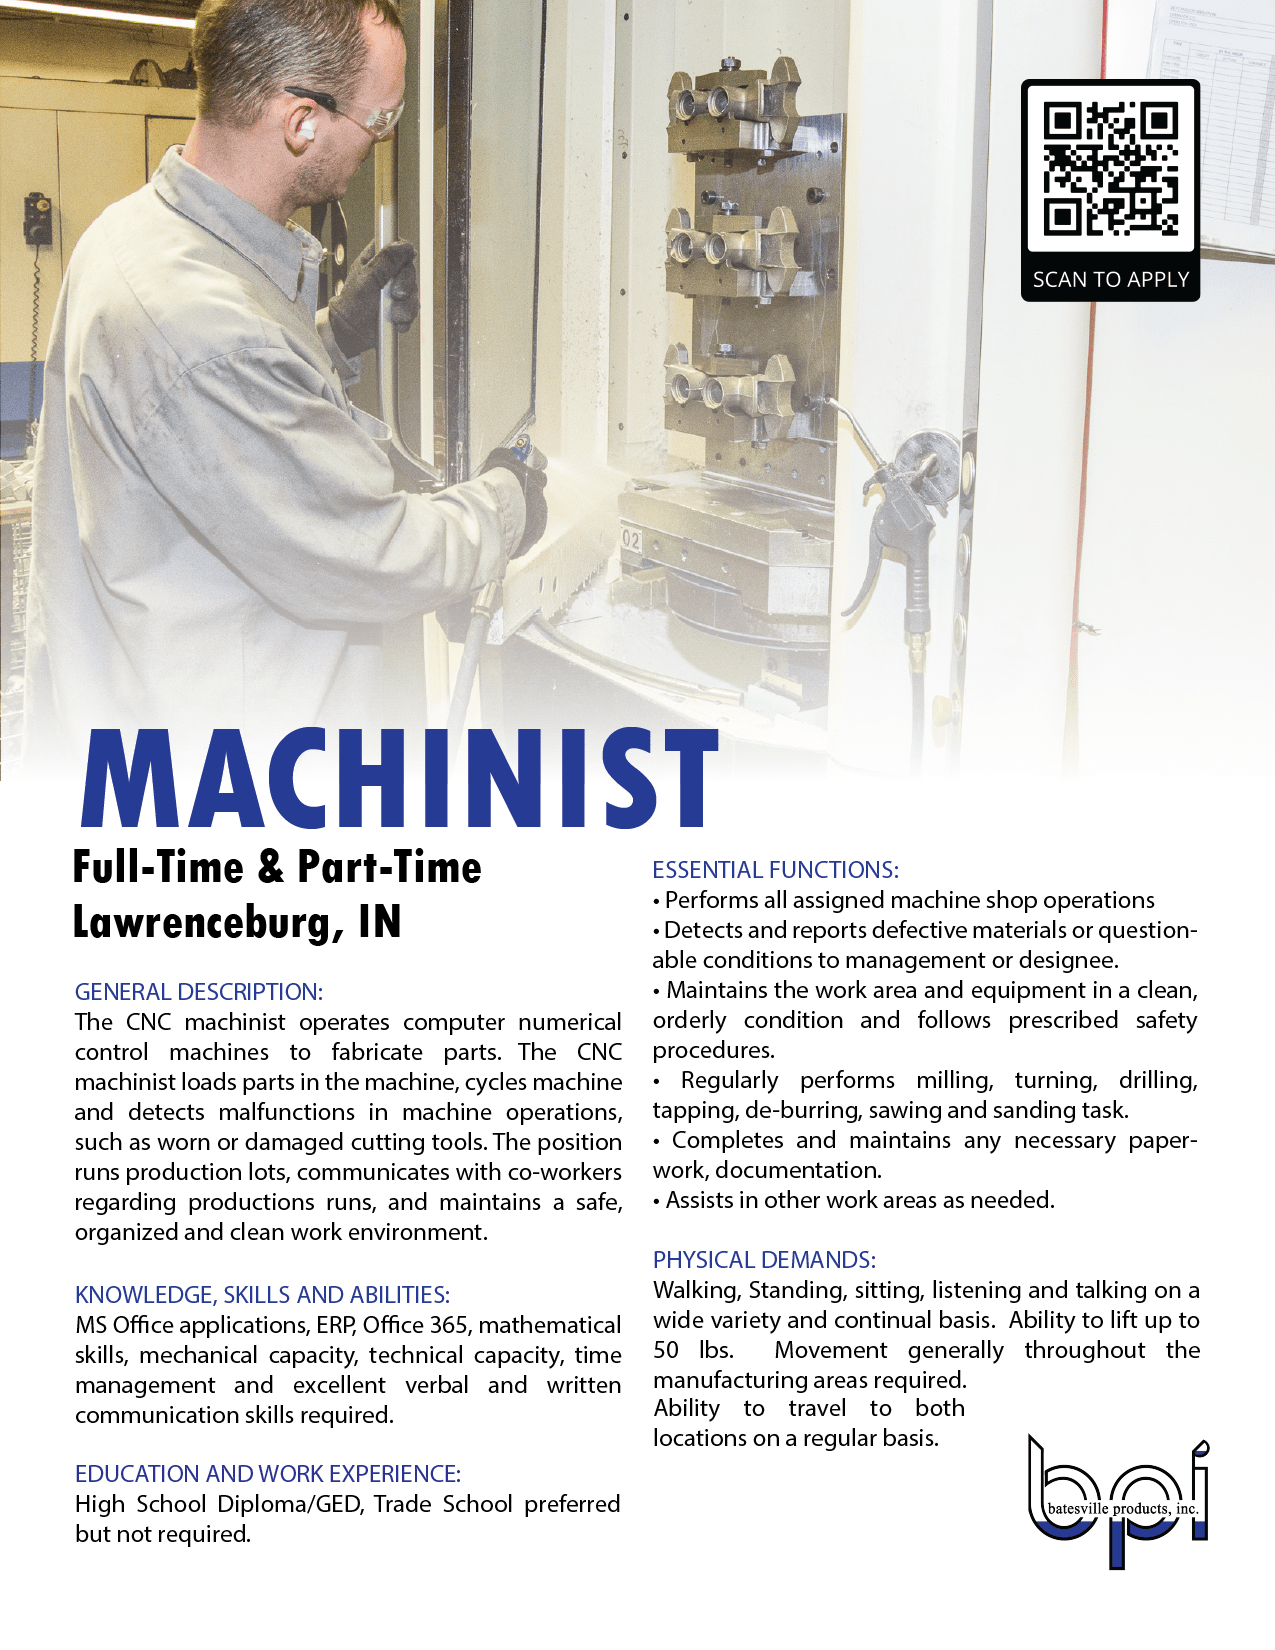 machinist job description